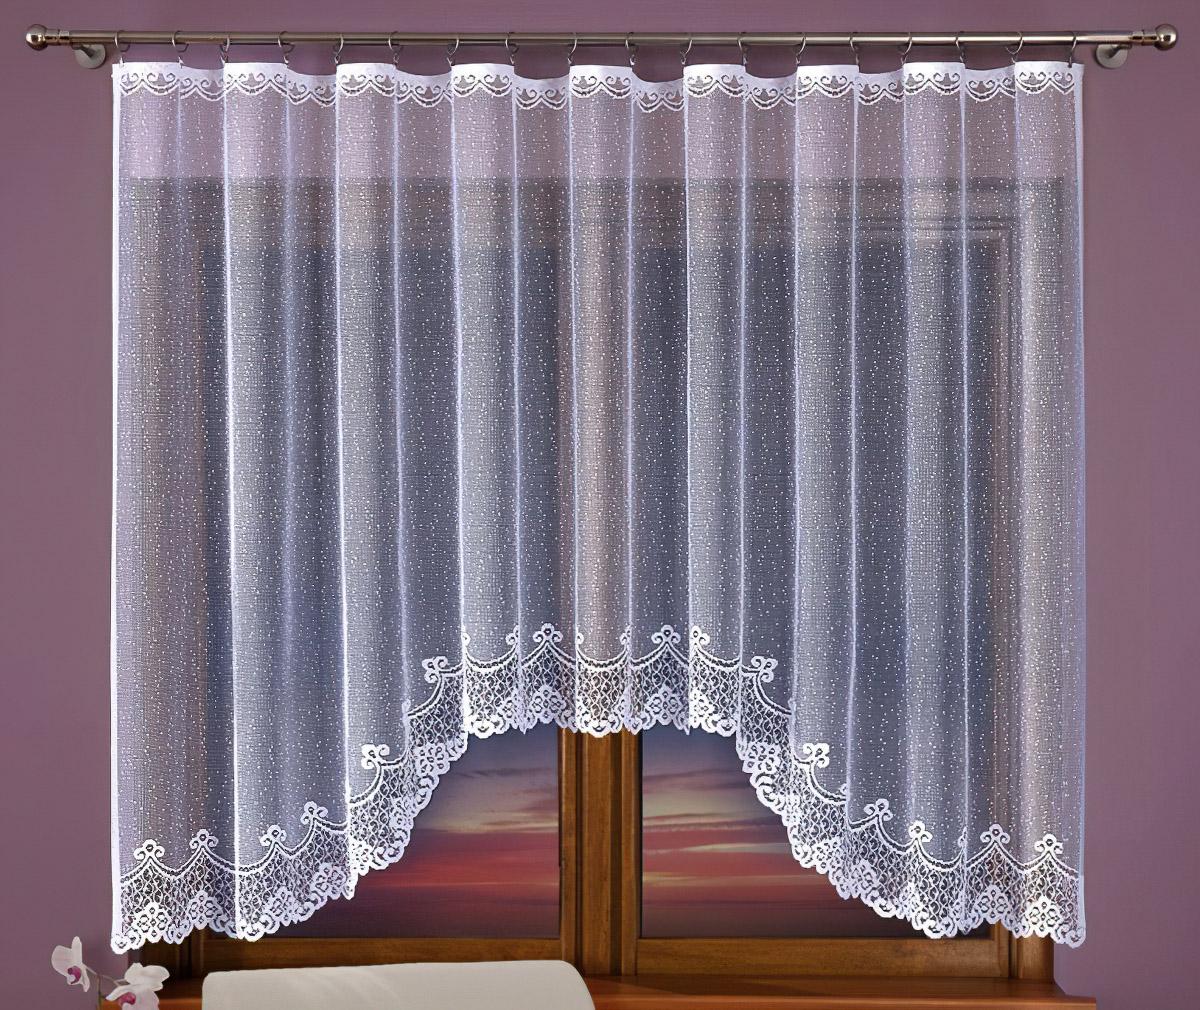 Olzatex kusová záclona KARIBA jednobarevná bílá, výška 160 cm x šířka 300 cm (na okno)